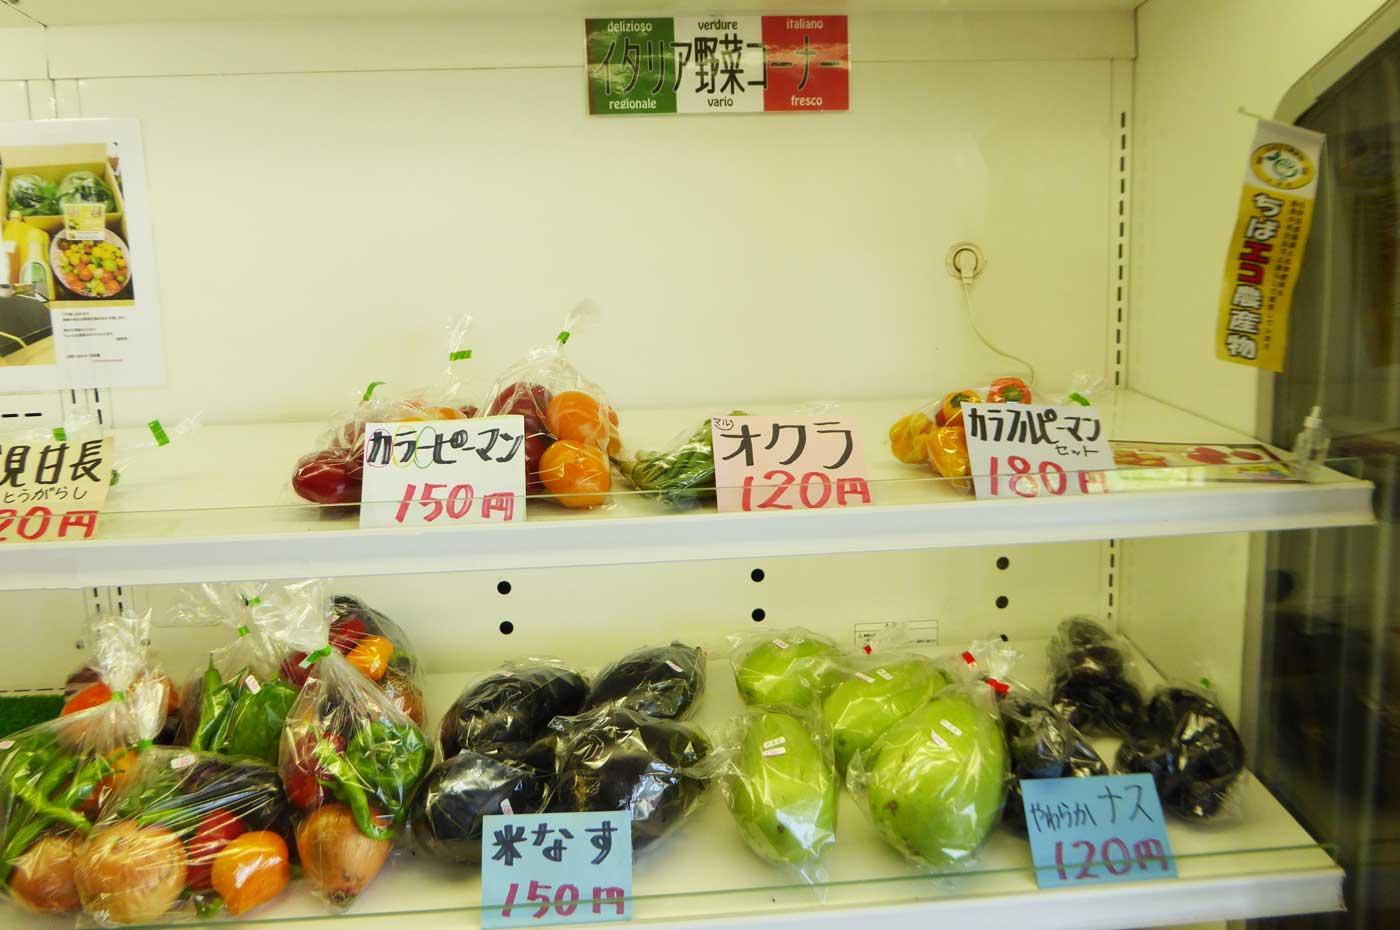 イタリア野菜コーナー